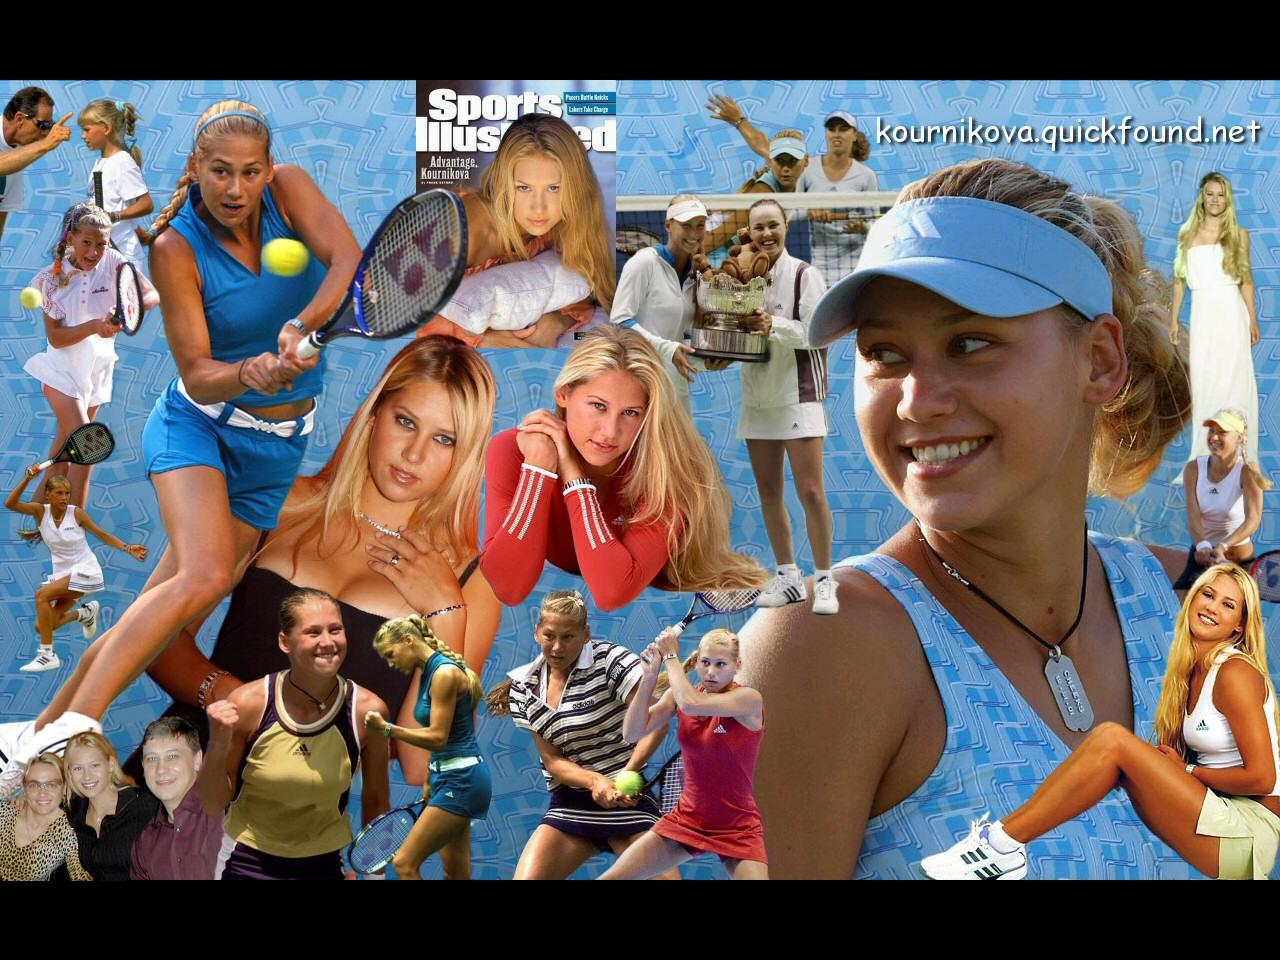 Anna Kournikova Wallpaper QuickSports 1280x960